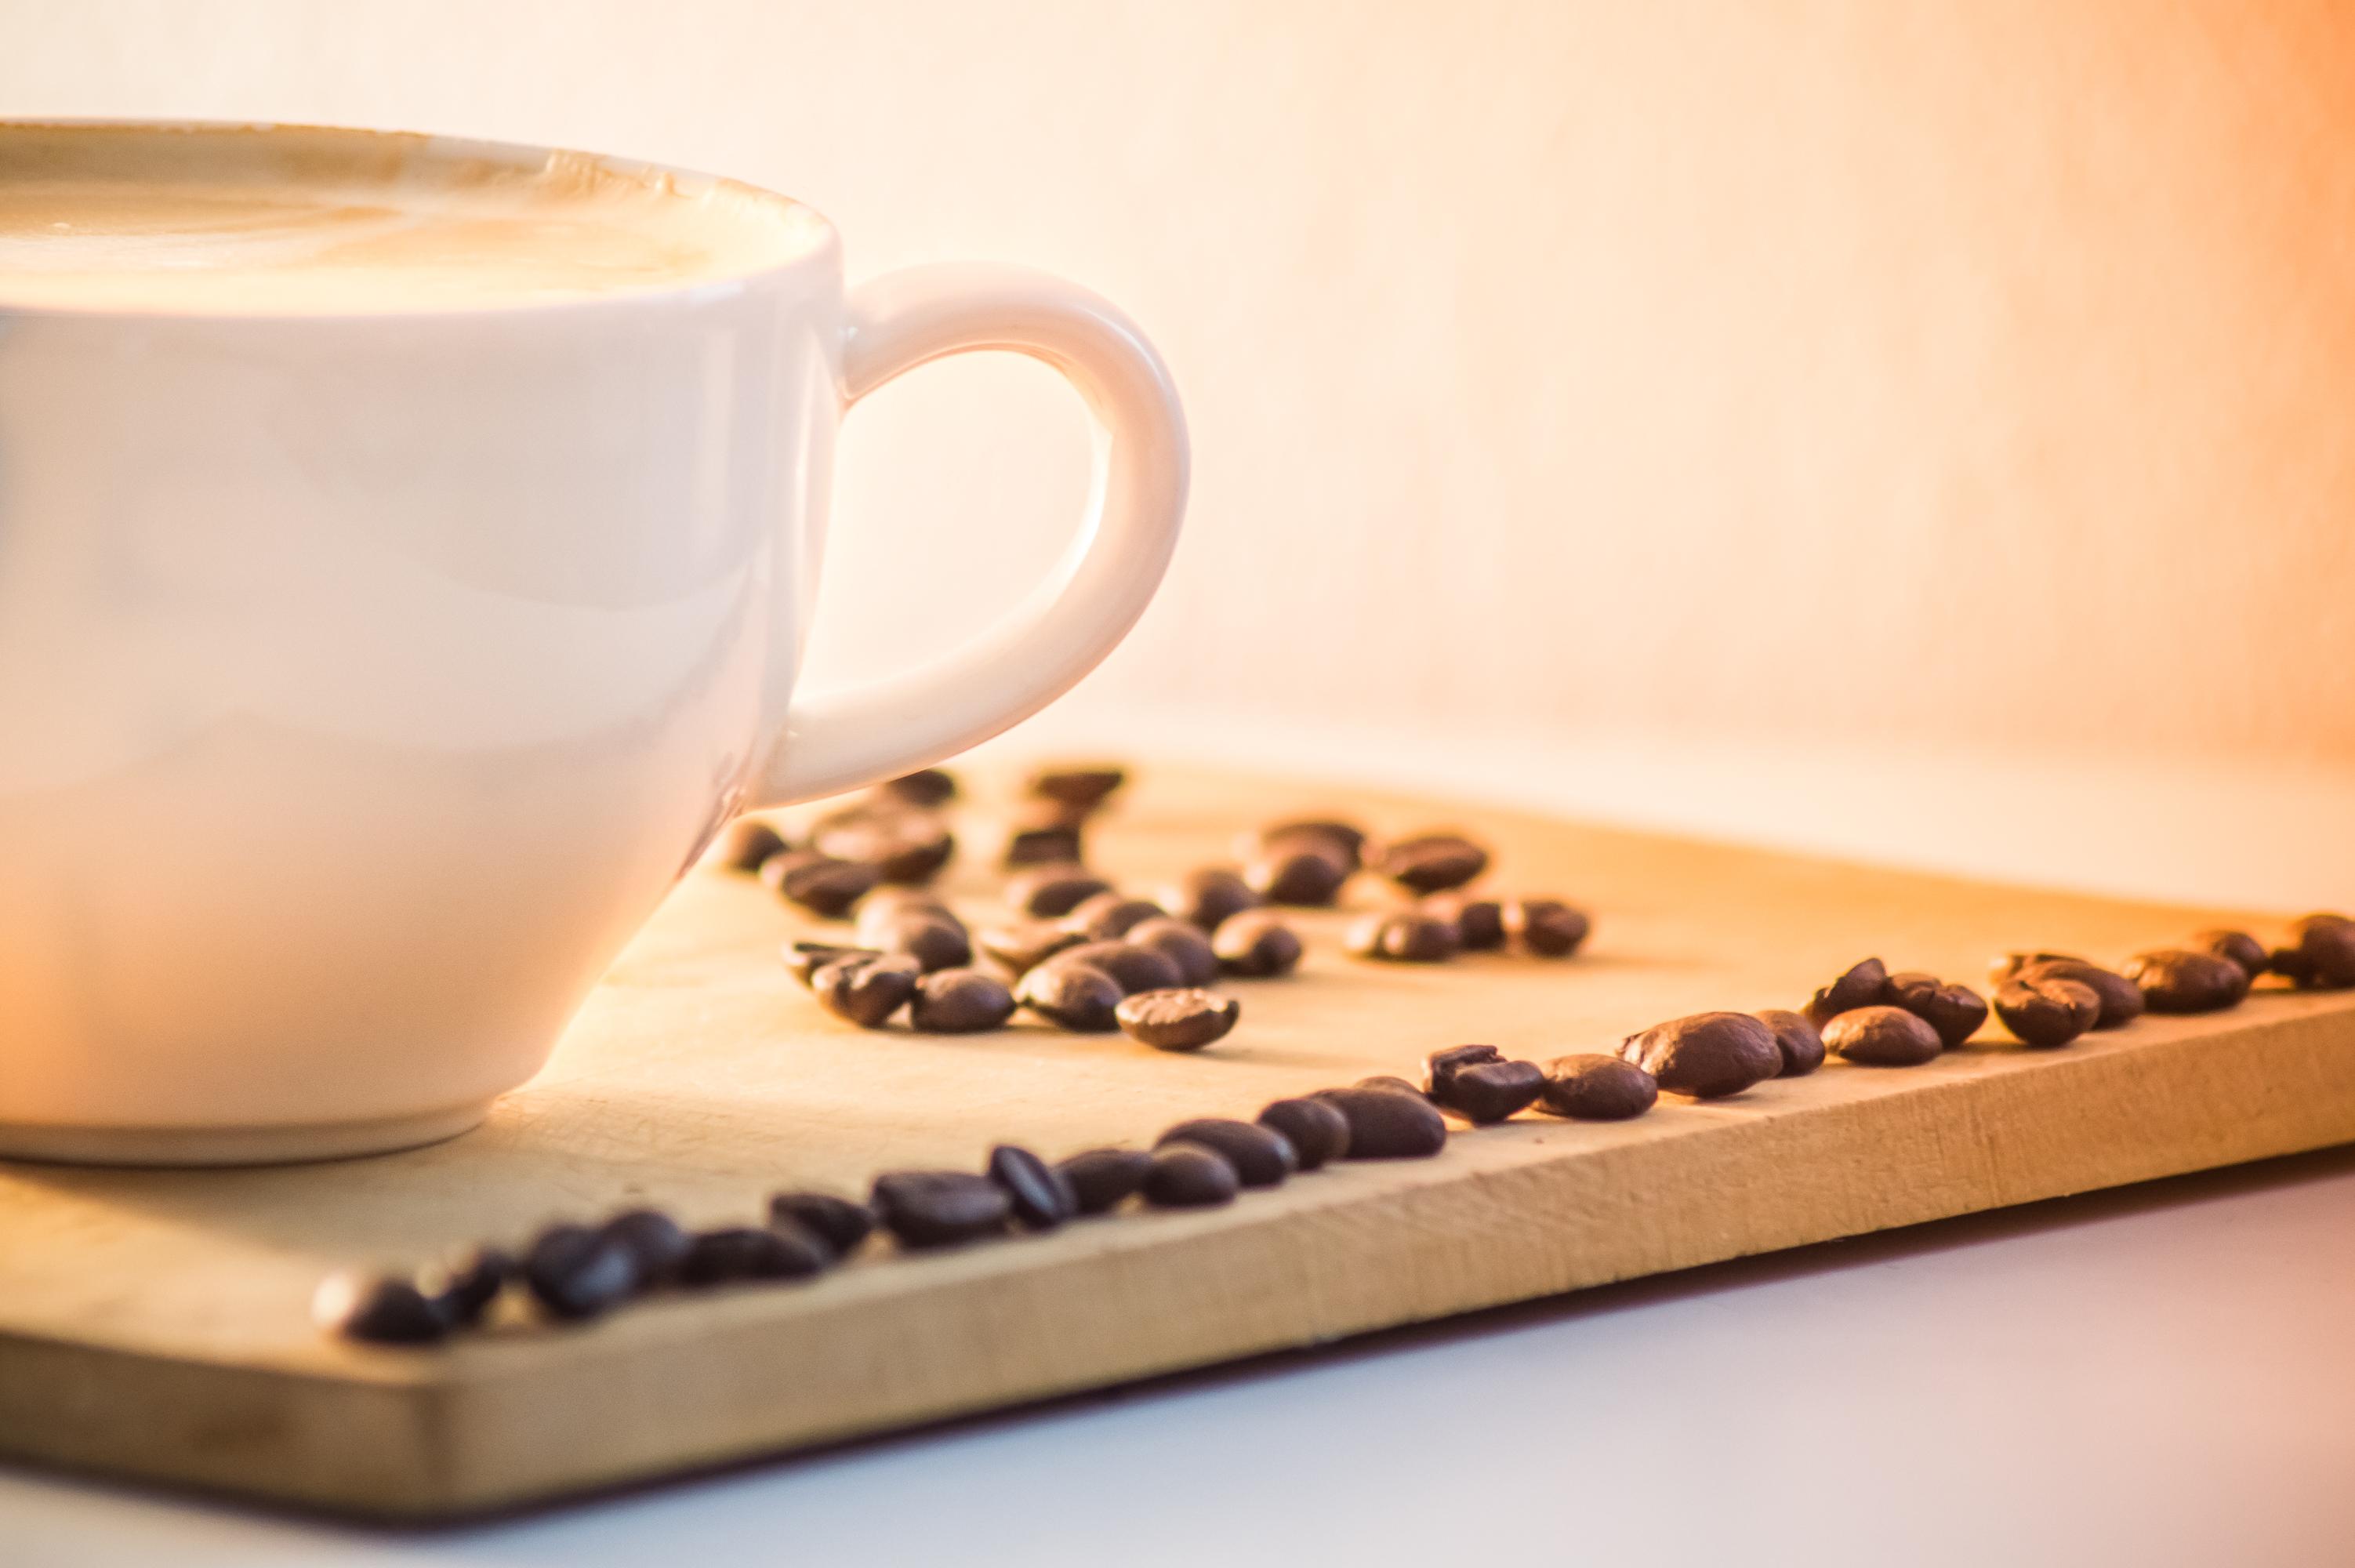 Kostenlose Foto : Tabelle, Kaffee, Holz, Dunkel, Tasse